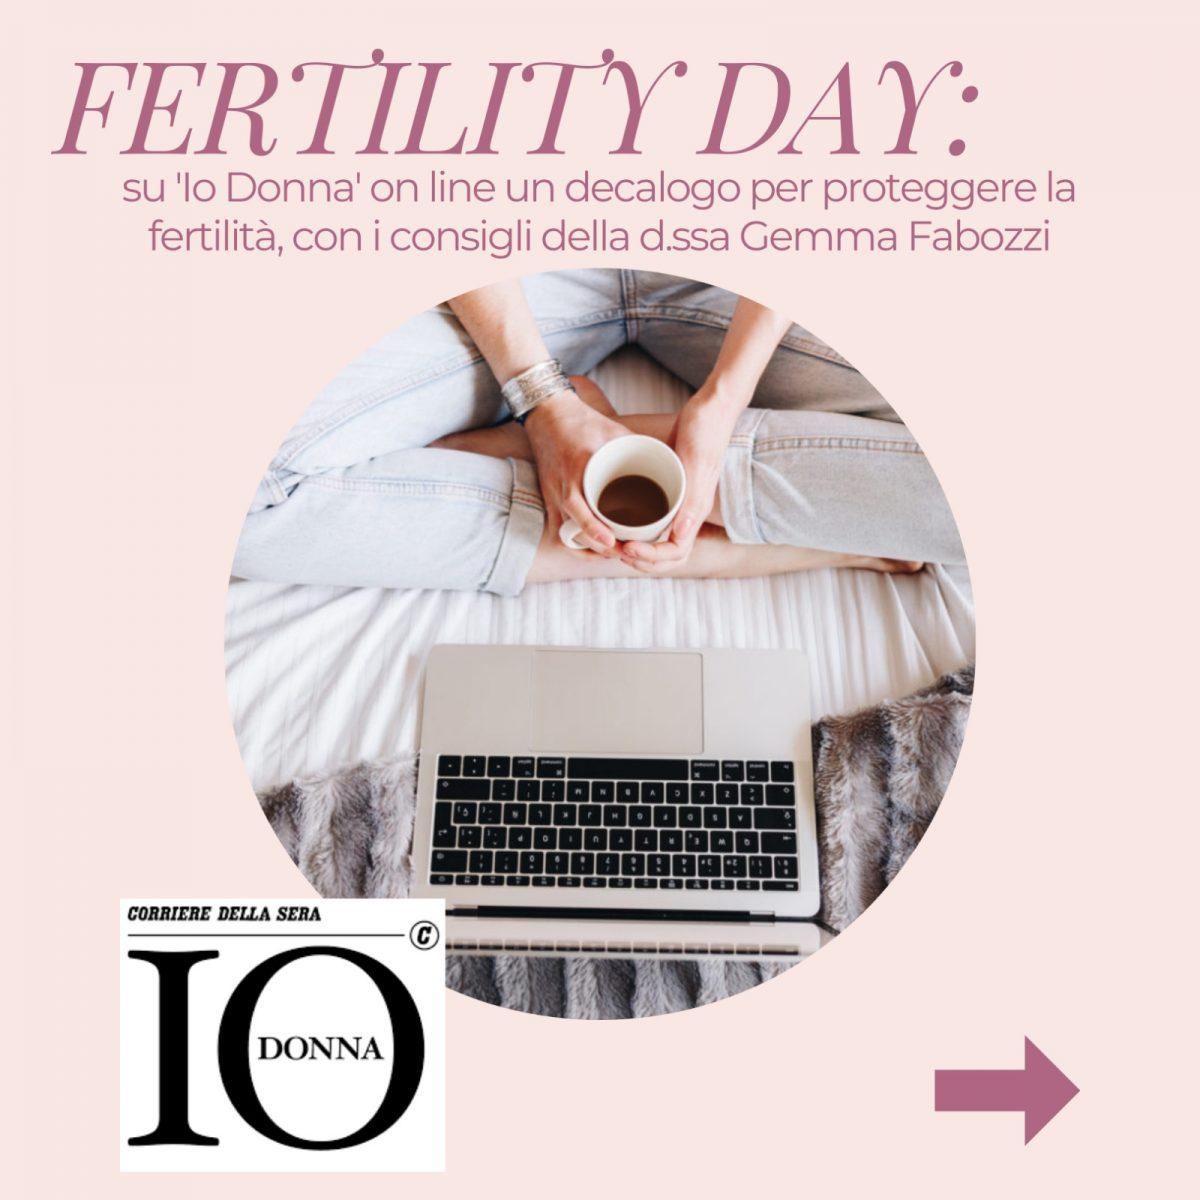 22-settembre-In-Italia-si-celebra-il-Fertility-Day.-Su-22Io-Donna22-i-consigli-della-nutrizionista-B-Woman-Dr.ssa-Gemma-Fabozzi-1200x1200.jpg